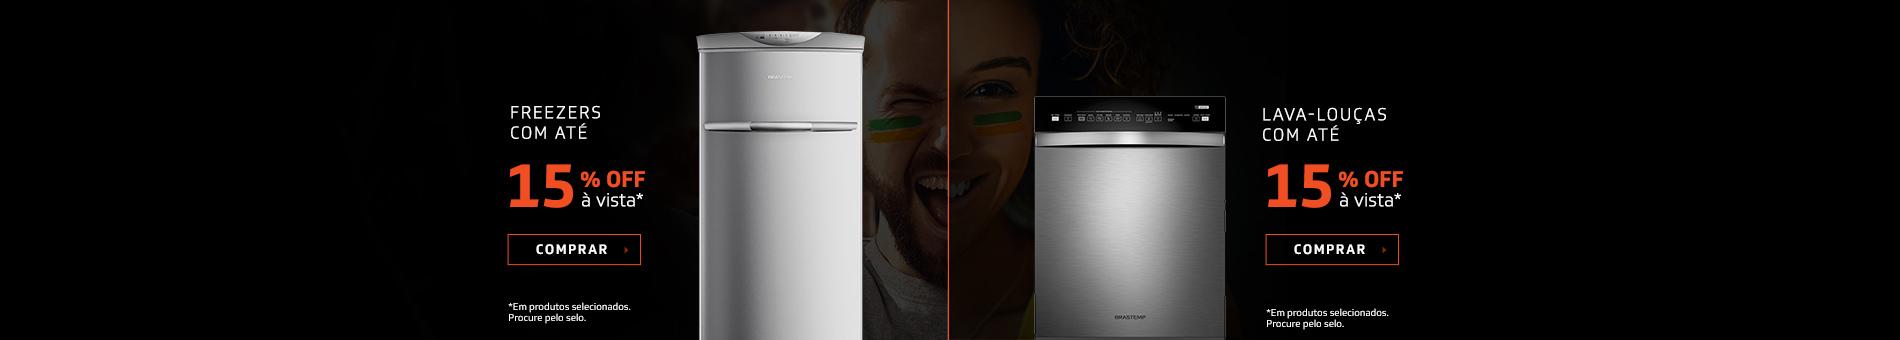 Promoção Interna - 2294 - campanha-copa_freezer-louca-15vista-duploclique_22052018_home4 - freezer-louca-15vista-duploclique - 4